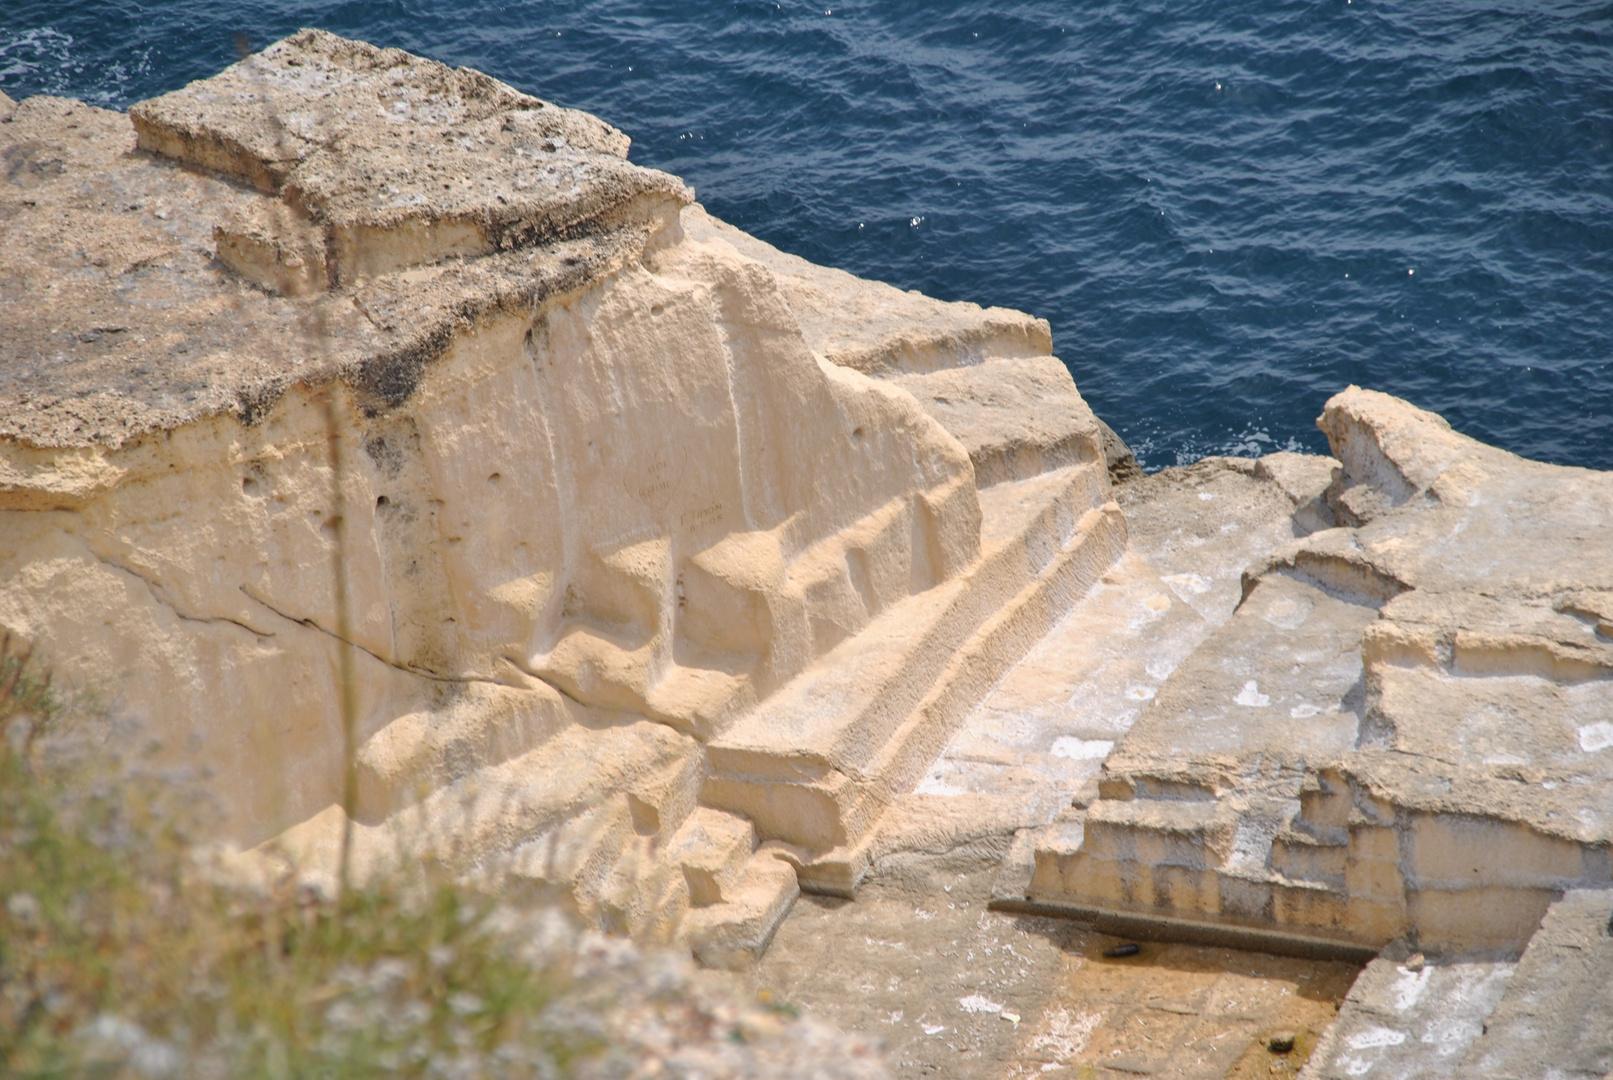 Steil abfallende Felsen, ein Geheimtip für stille Genieser